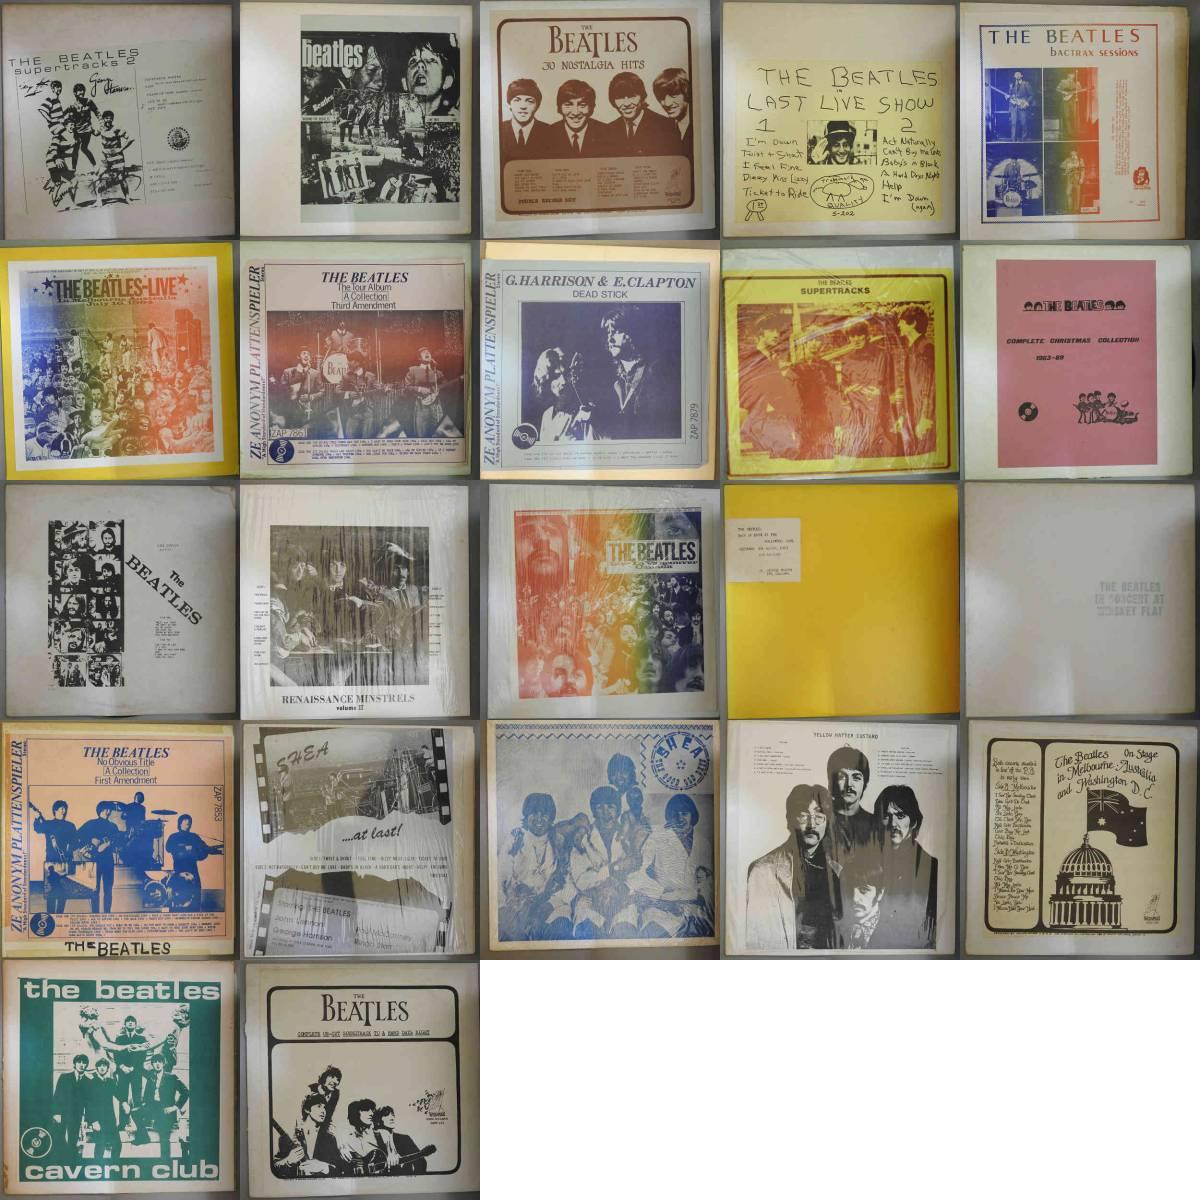 138【豪華!】全てビートルズ関係のコレクターズLPまとめて54枚セット/カラー盤有/PICTURE有/TAKRL/THE BEATLES_画像3